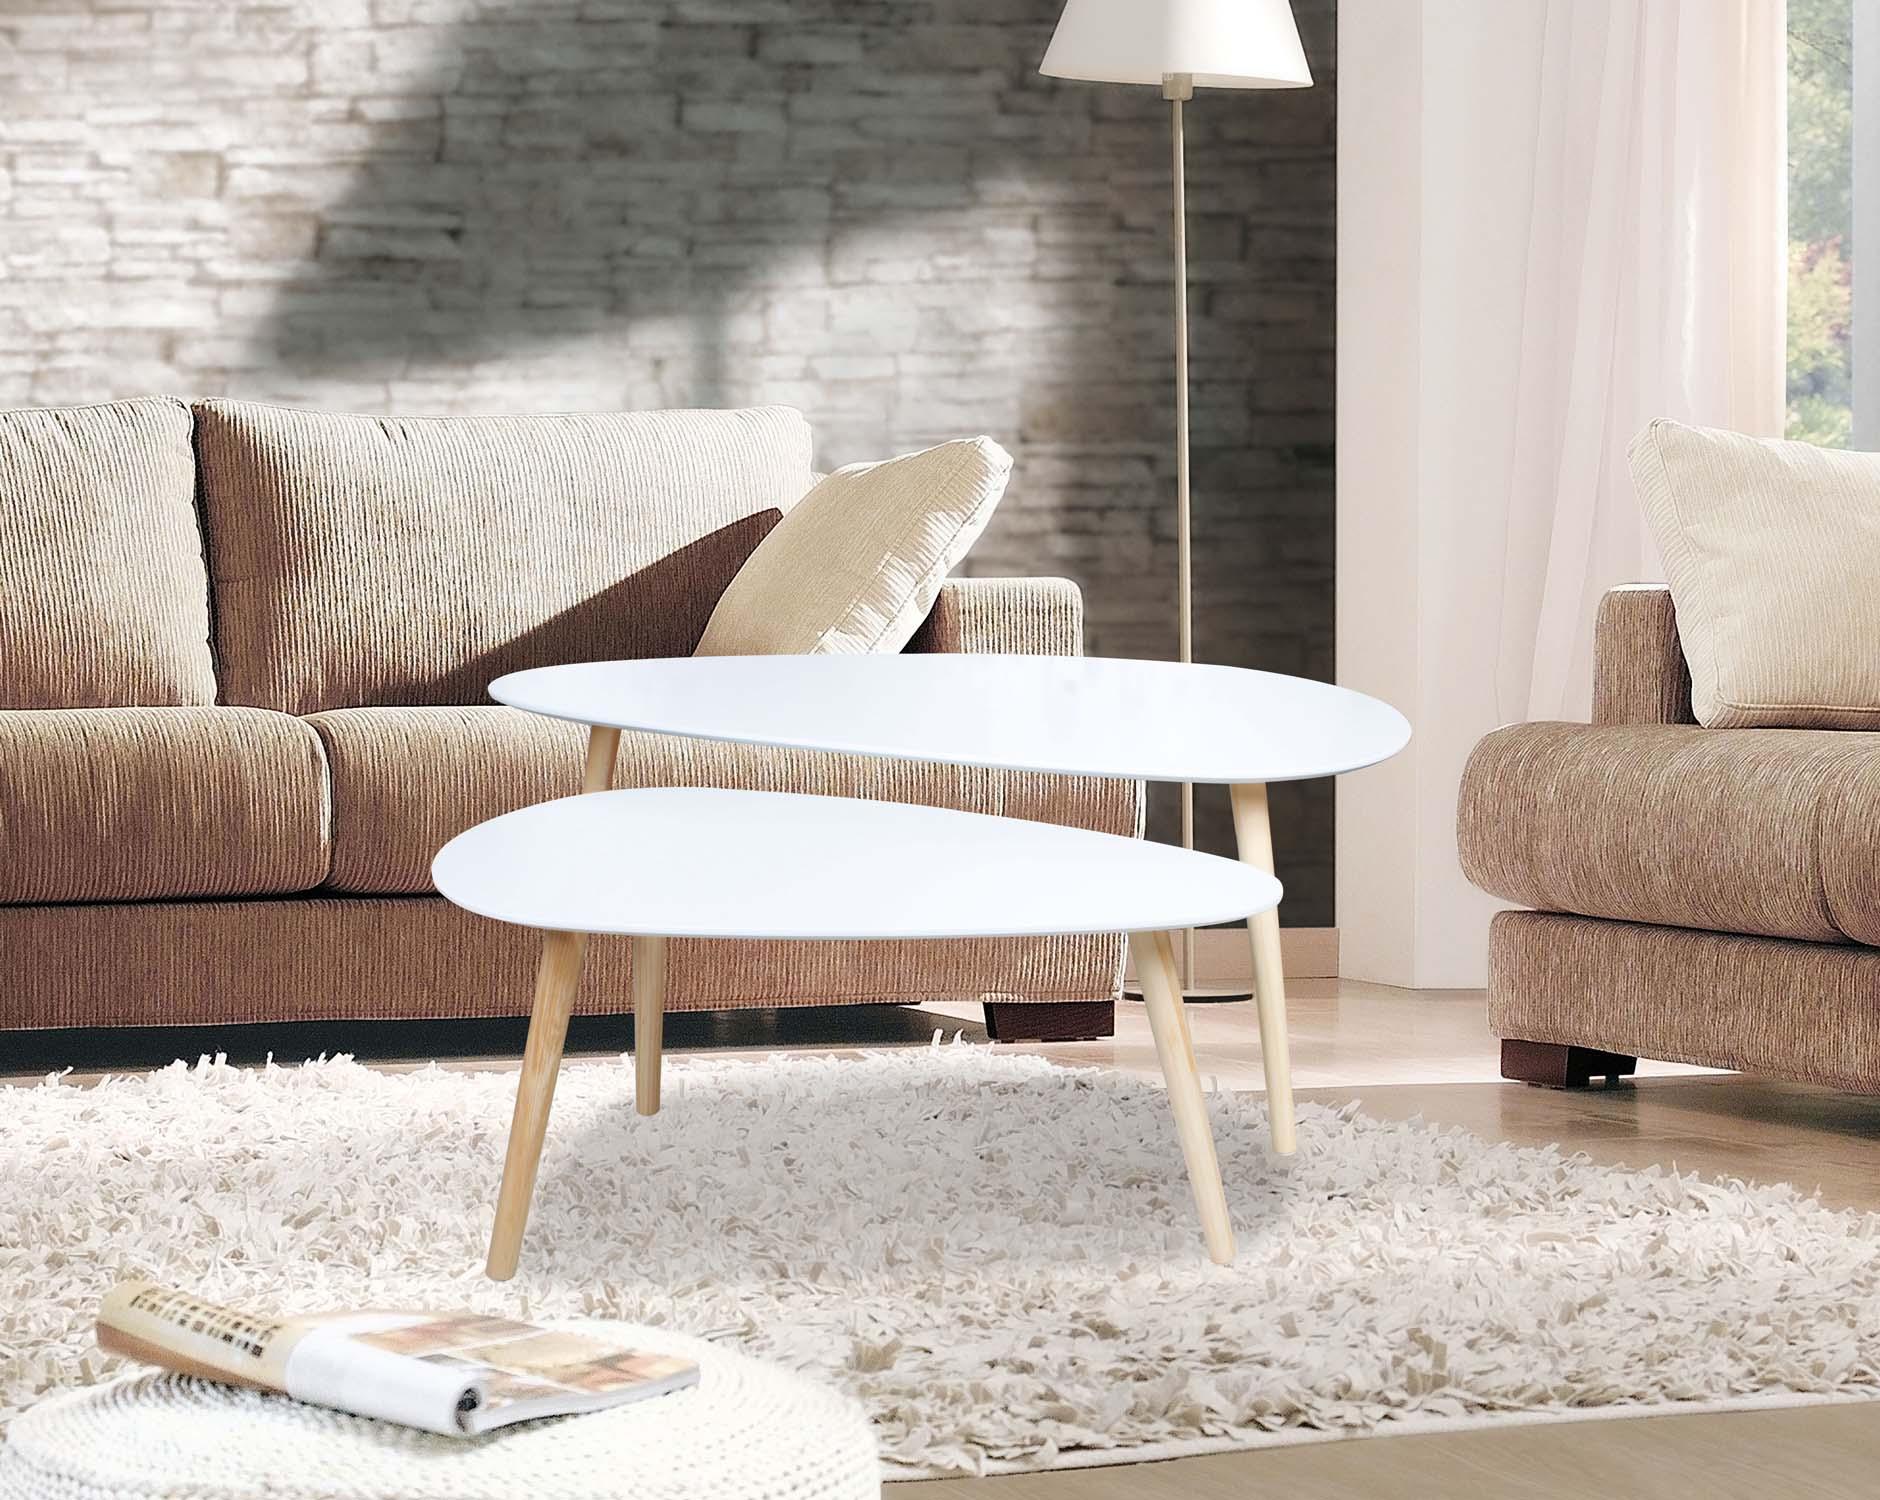 couchtisch beistelltisch 2er set loungetisch 2 satztisch t190 weiss mdf lackiert. Black Bedroom Furniture Sets. Home Design Ideas